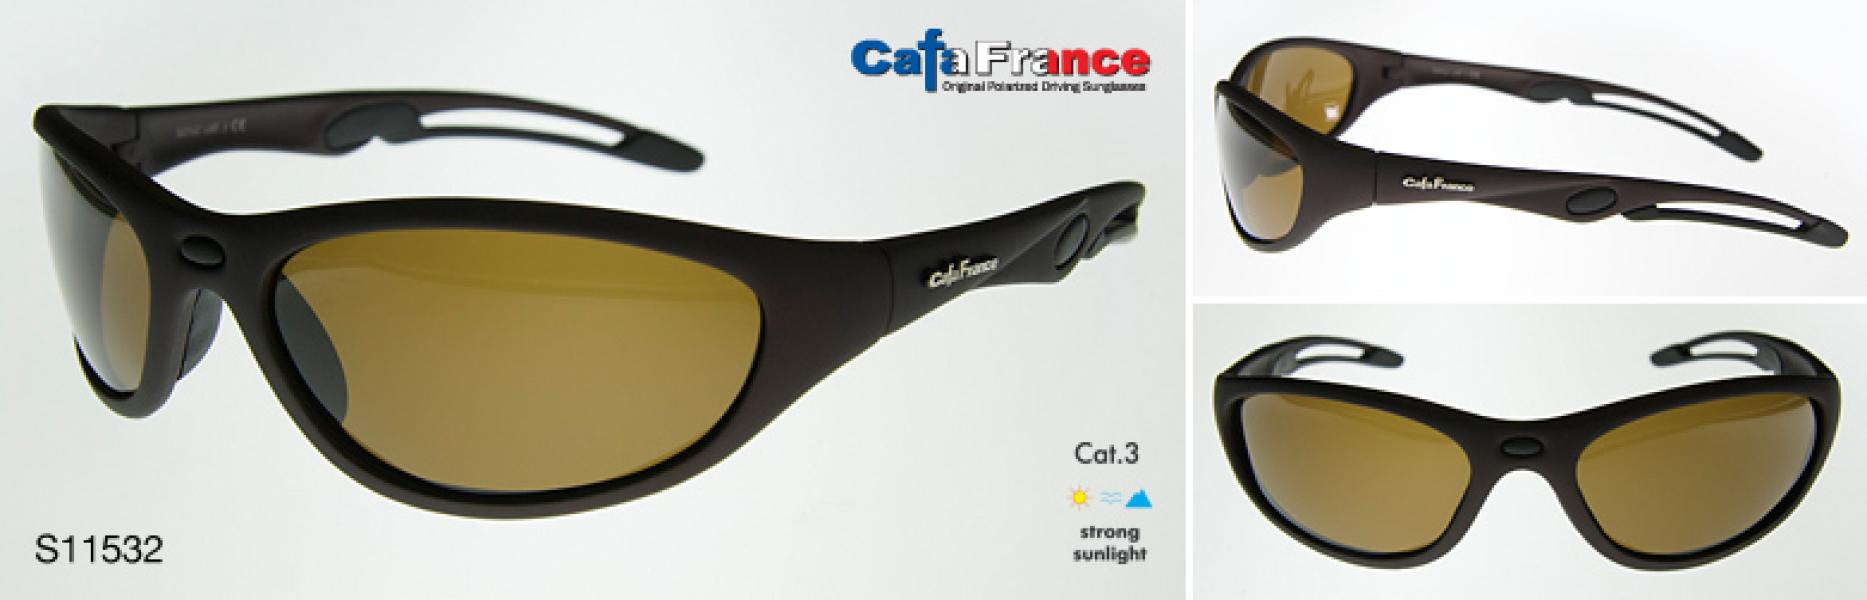 Очки поляризационные мужские Cafa France c11532